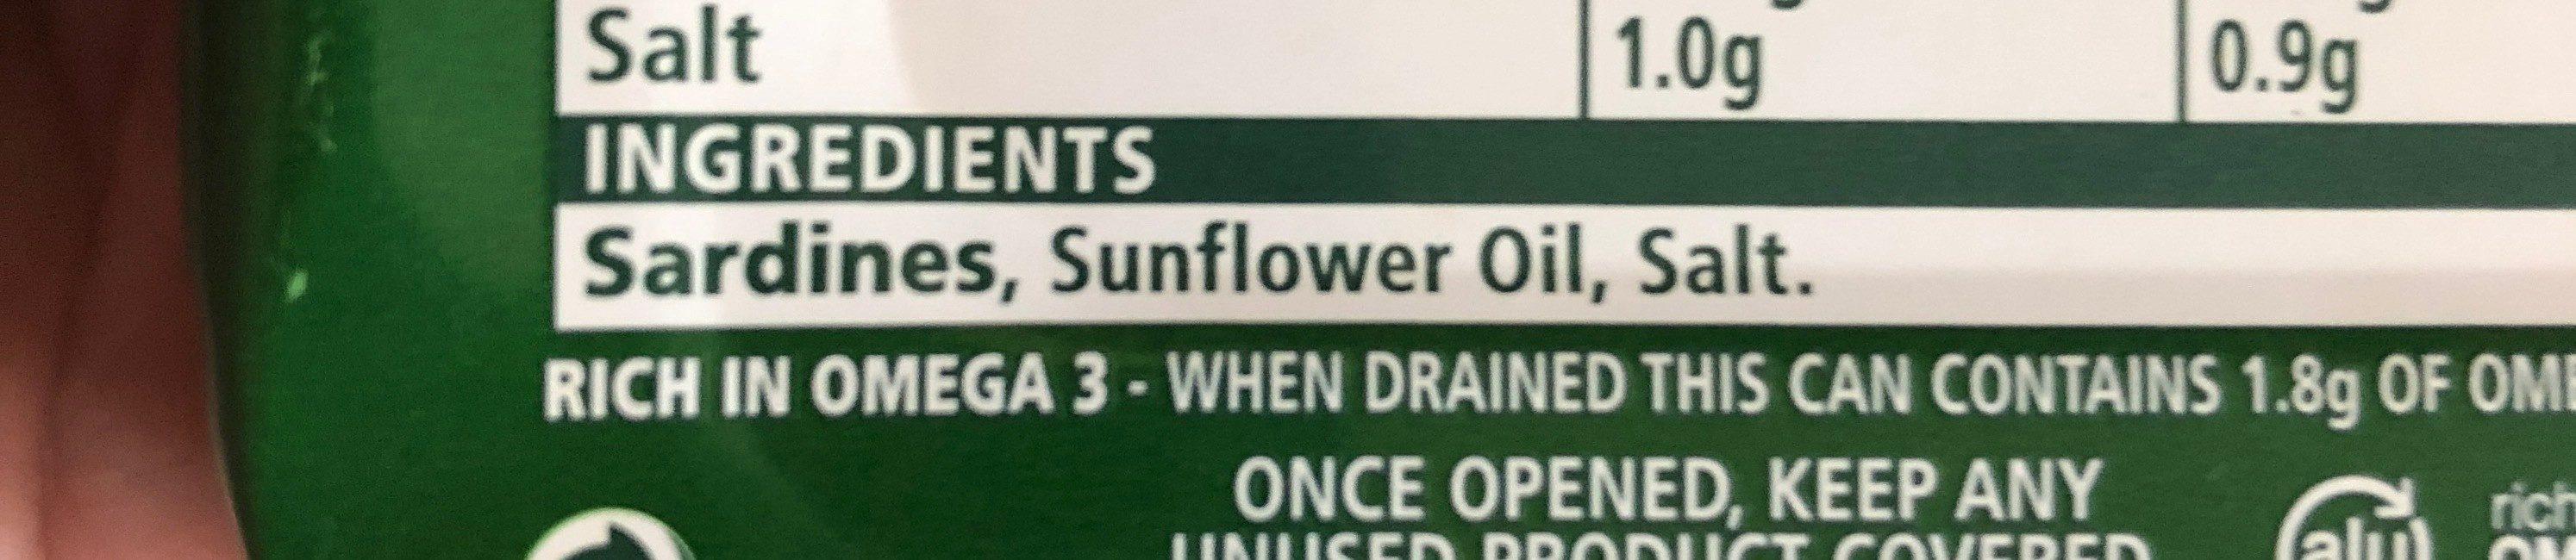 John West Sardines Sunflower Oil - Ingredients